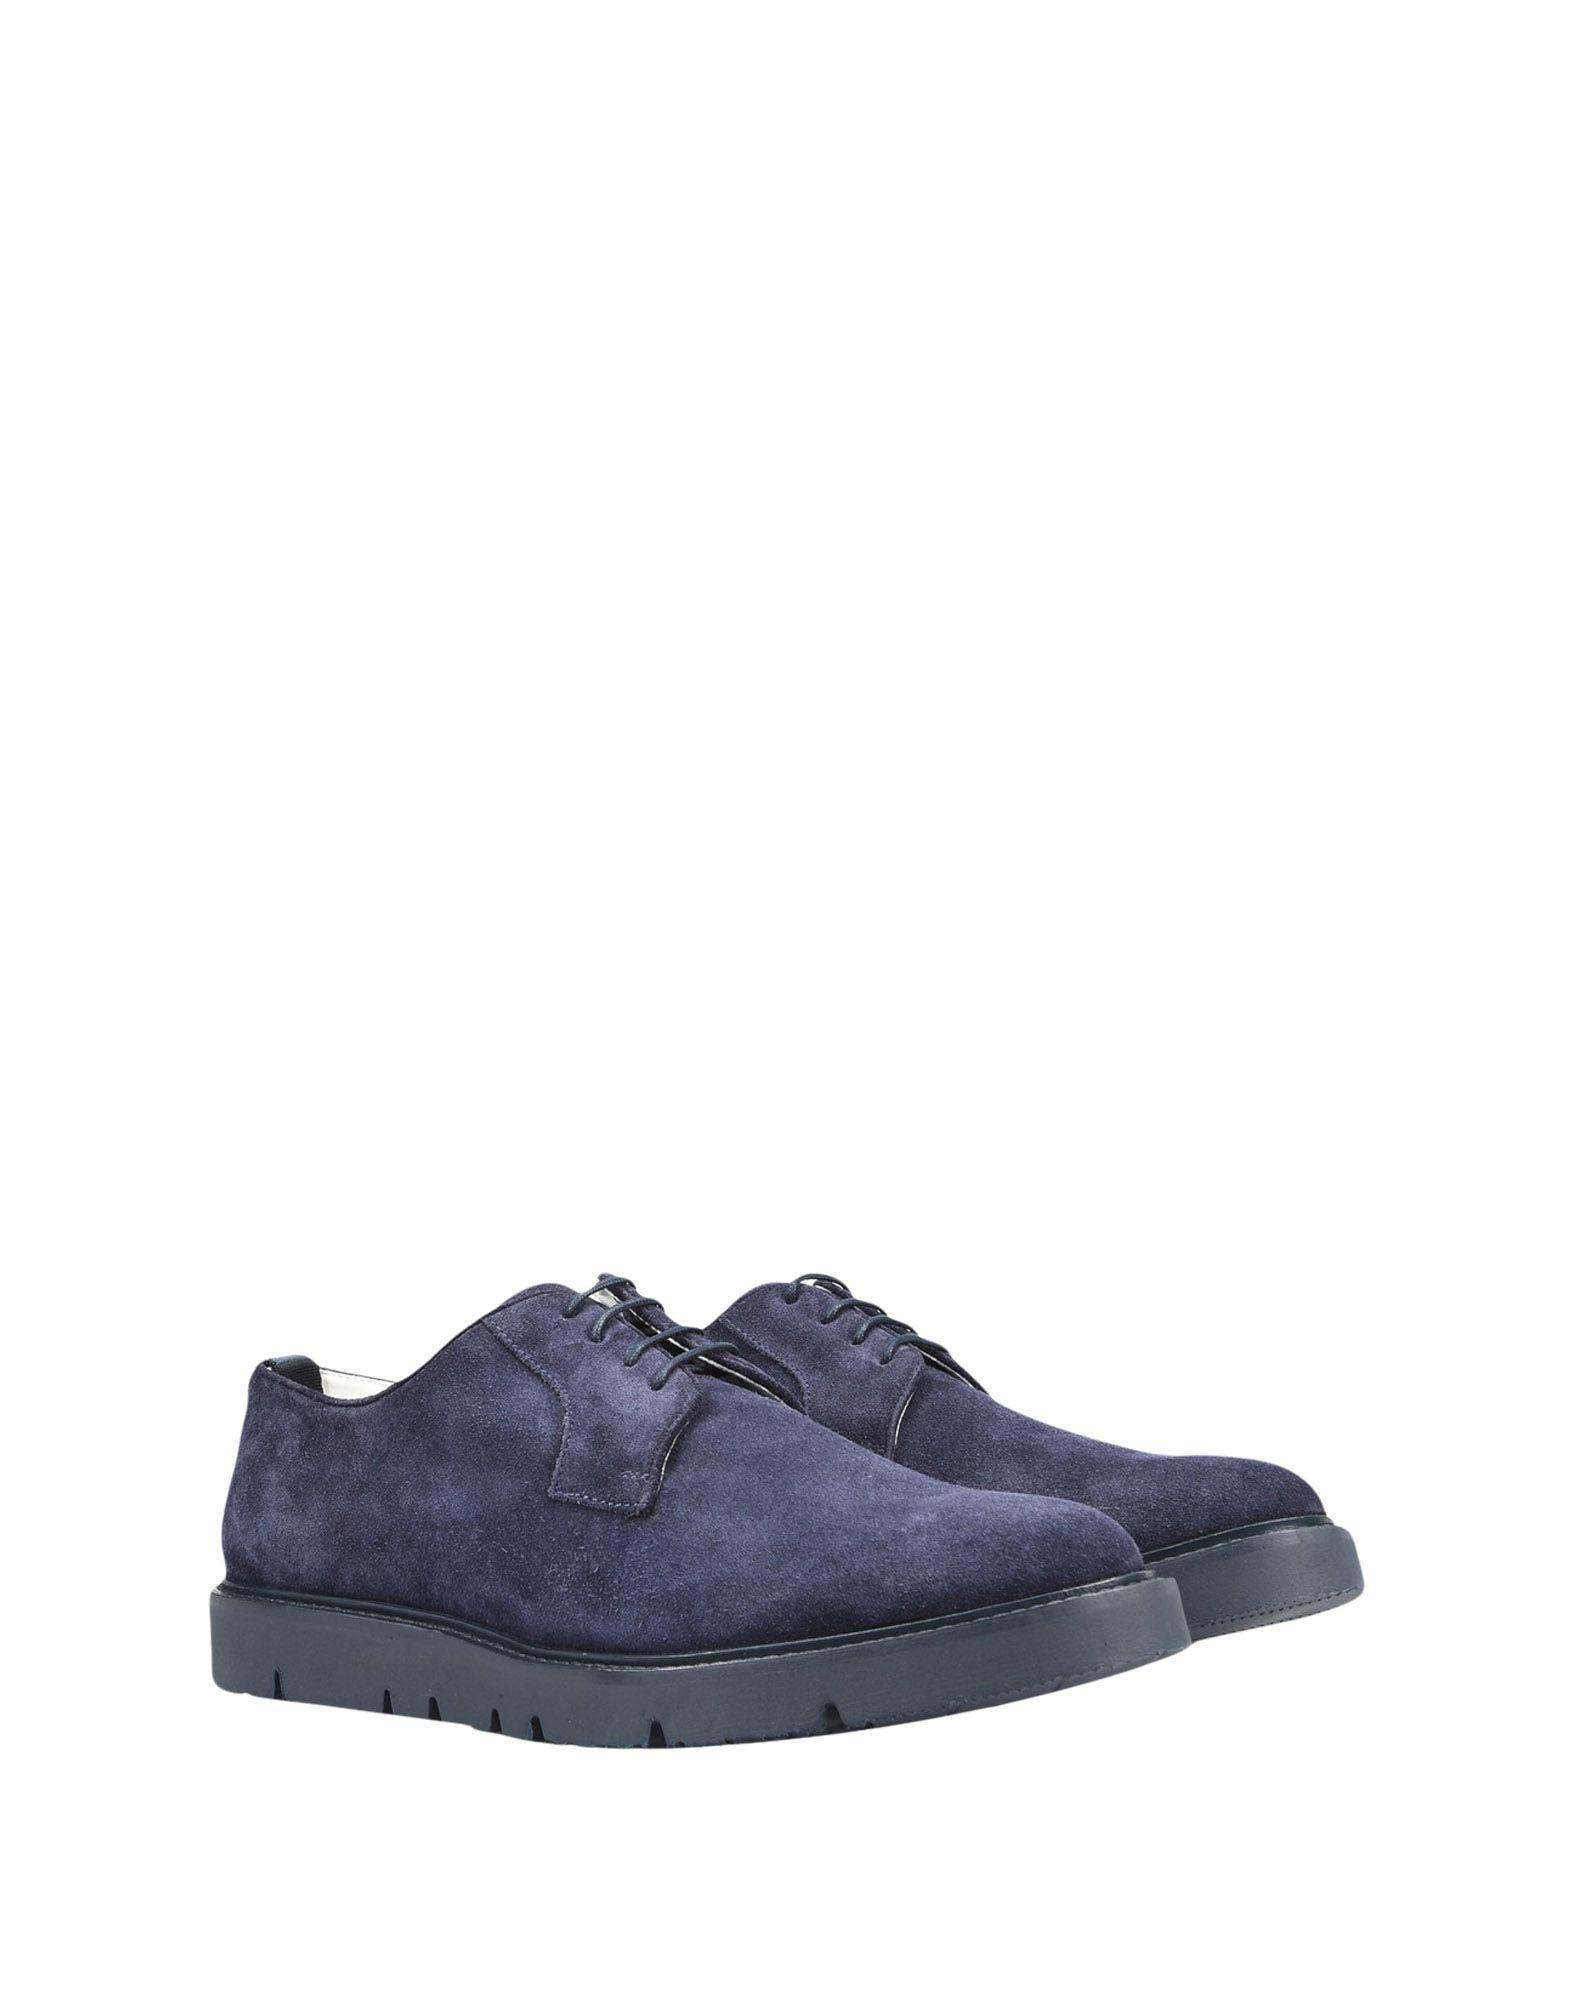 Фото - ARMANI JEANS Обувь на шнурках armani jeans обувь на шнурках